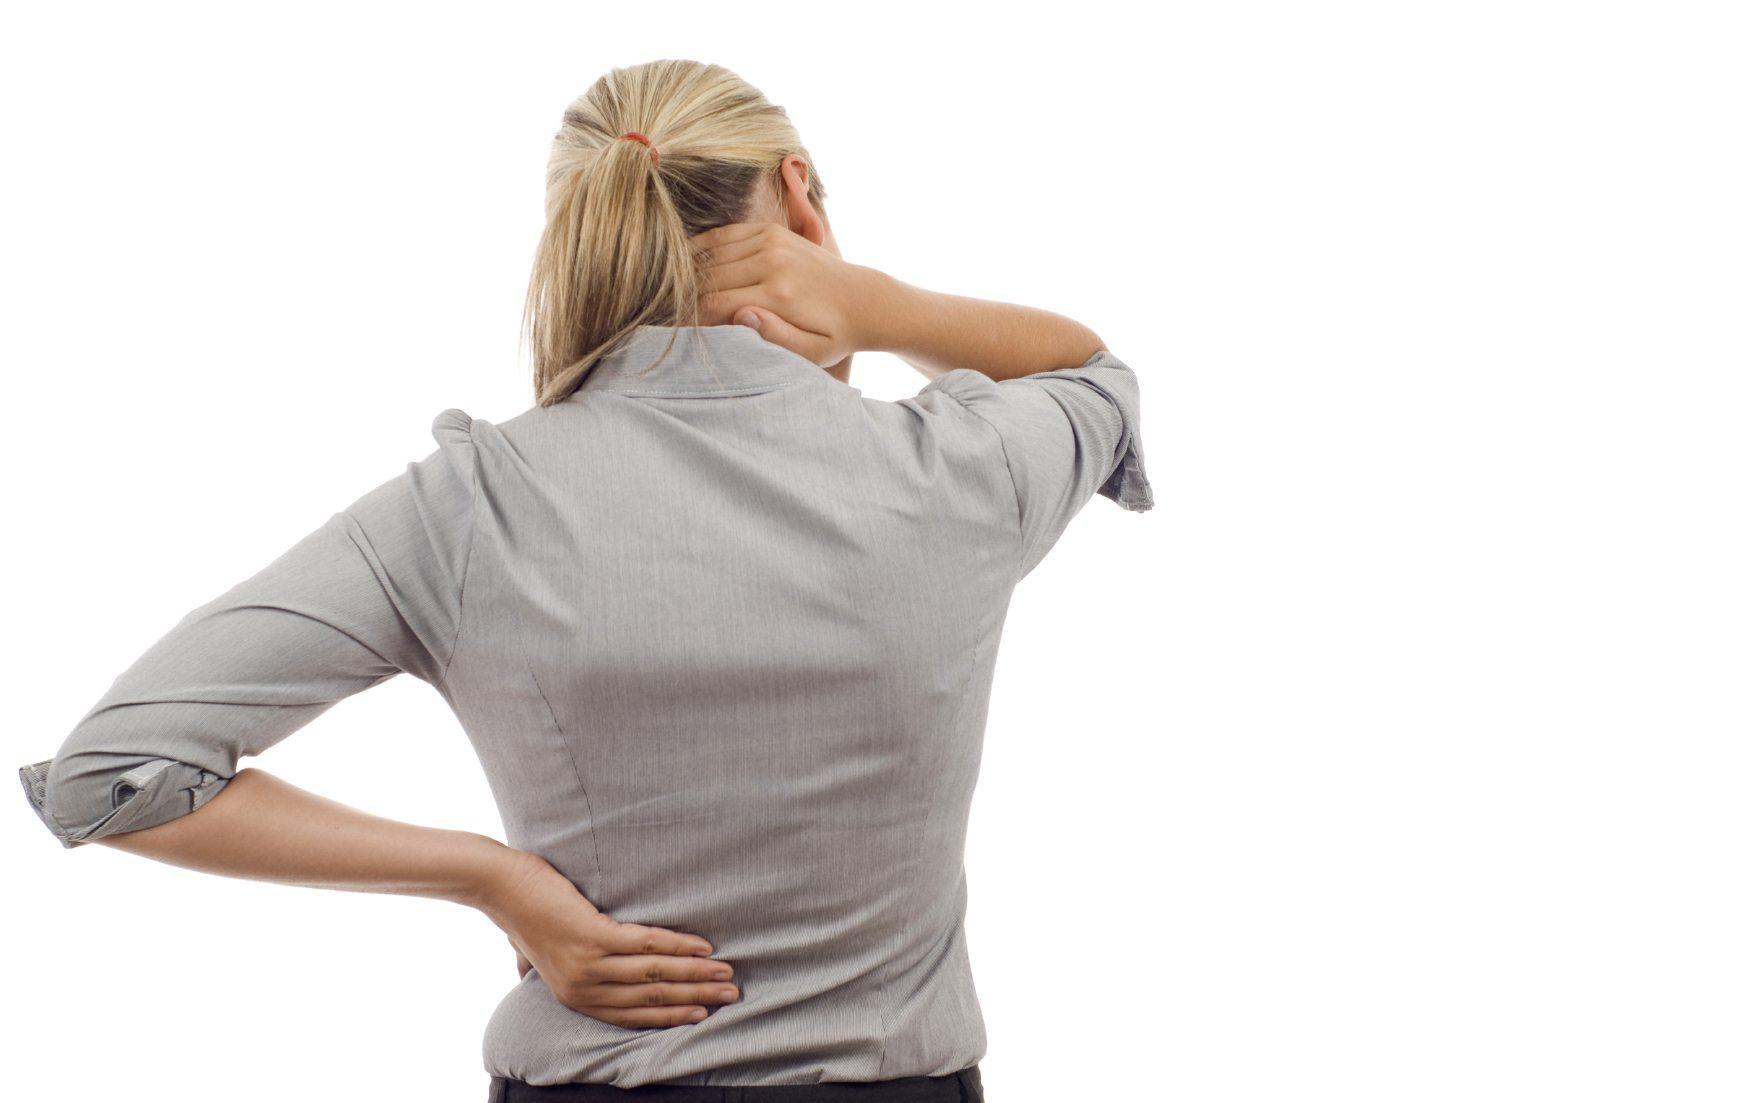 Estresse Pode Aumentar as Dores no Corpo